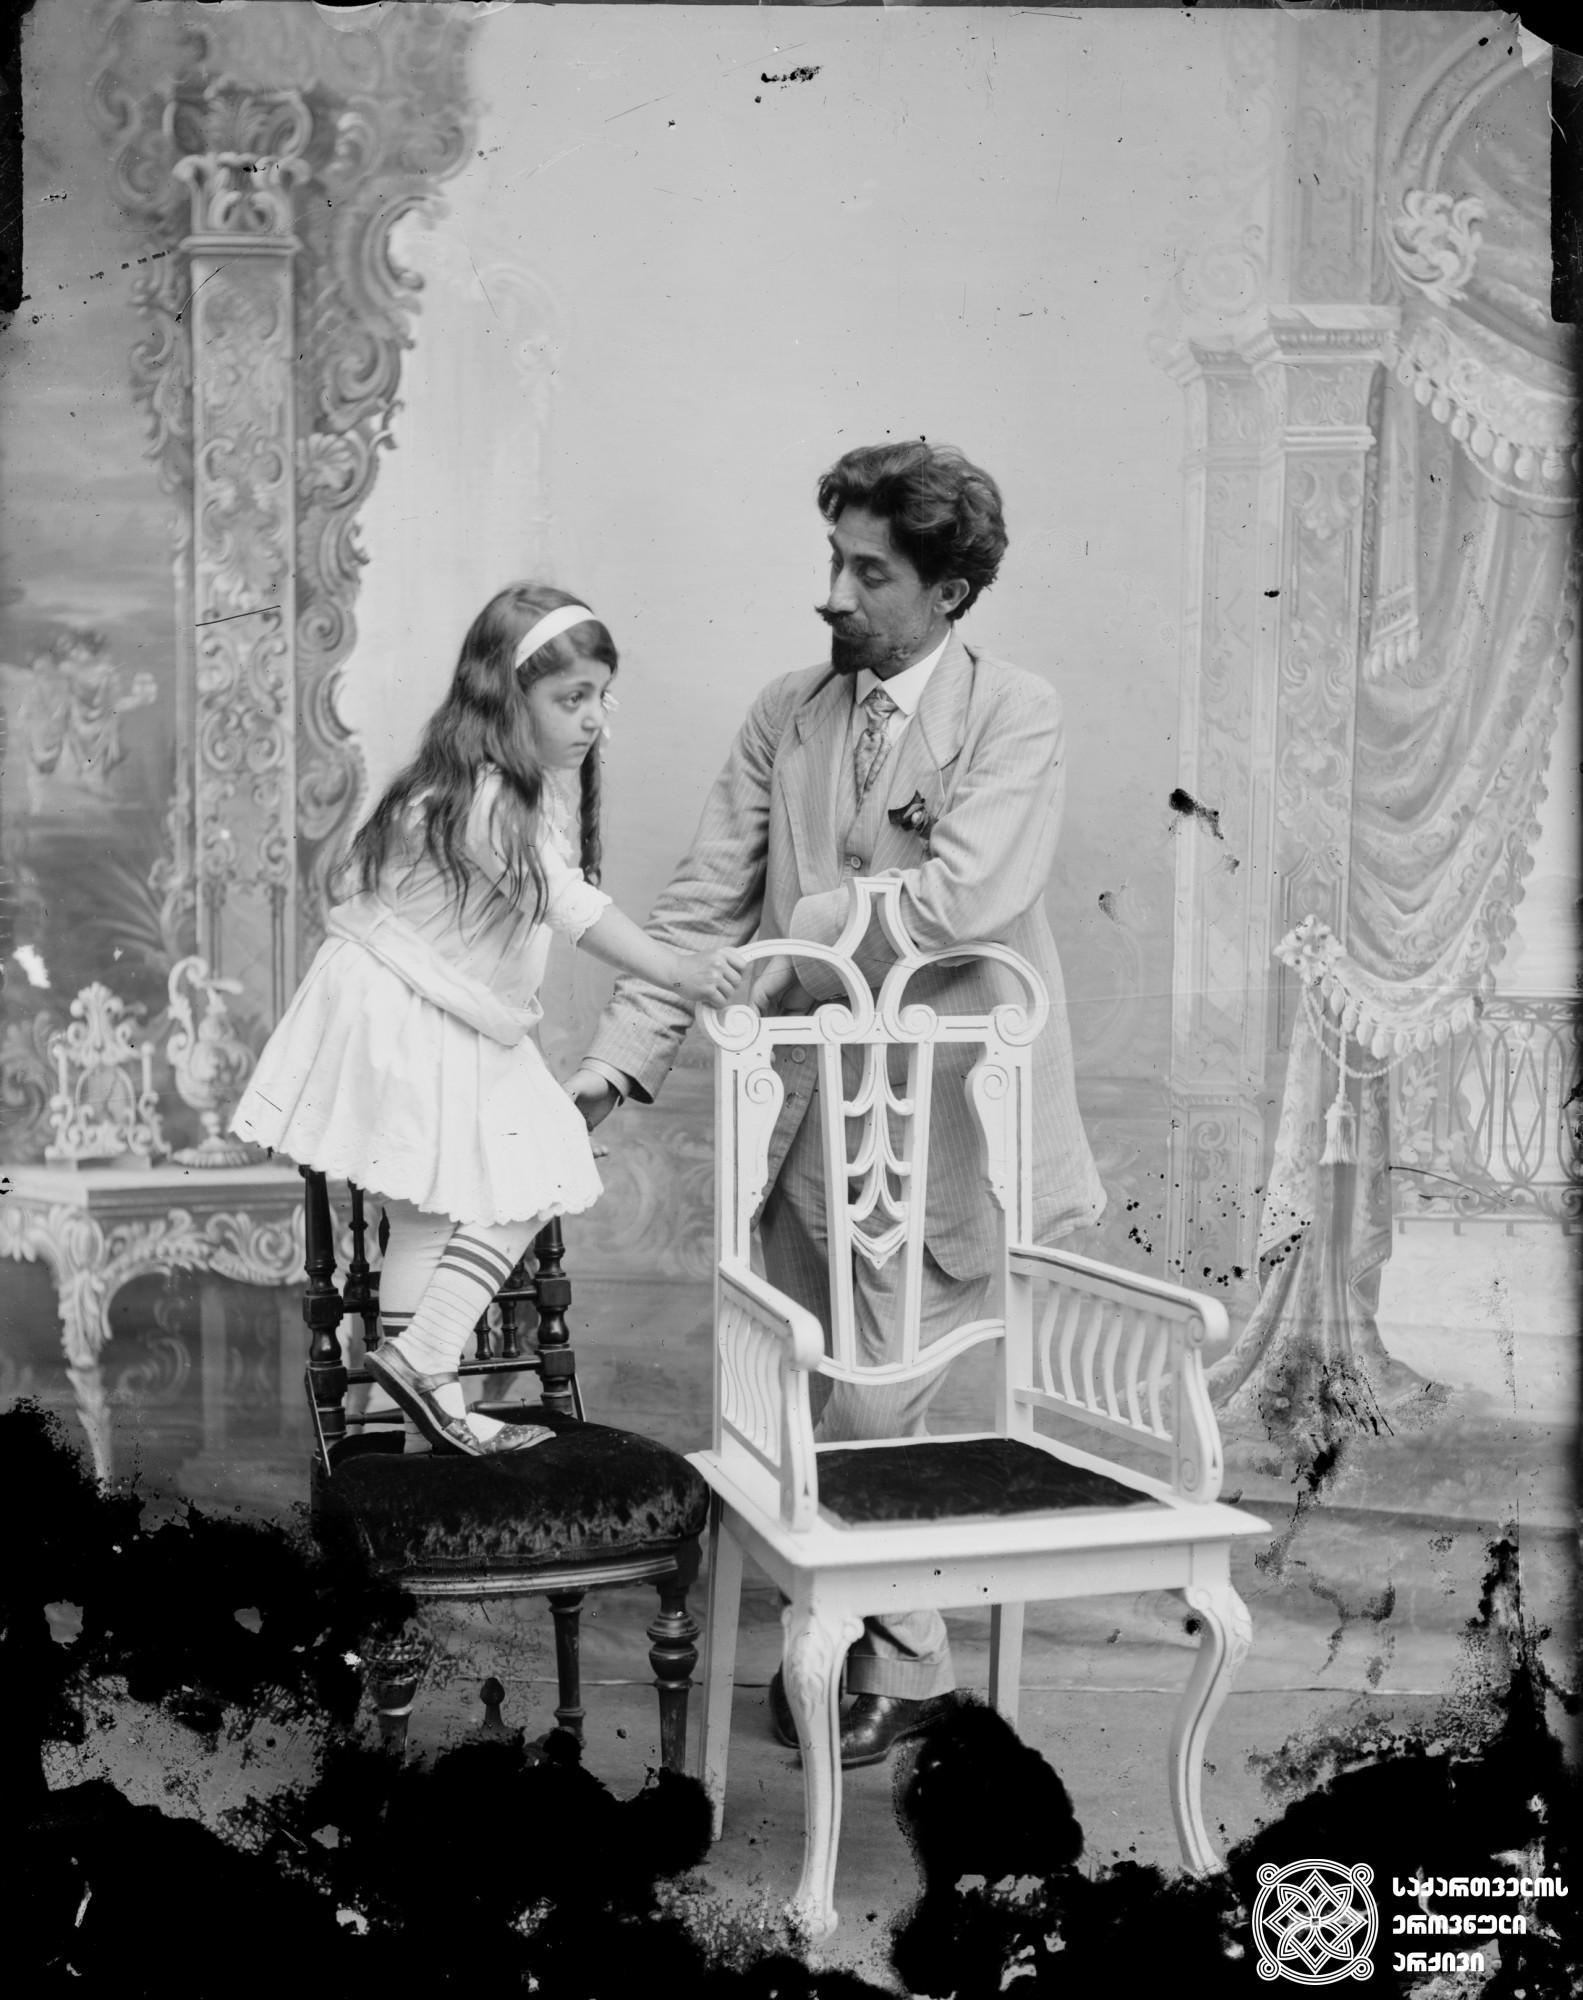 მწერალი იროდიონ ევდოშვილი (1873-1916). <br>. მინის ნეგატივი 12X16. <br> Writer Irodion Evdoshvili (1873-1916). <br>. Glass negative 12X16. <br>